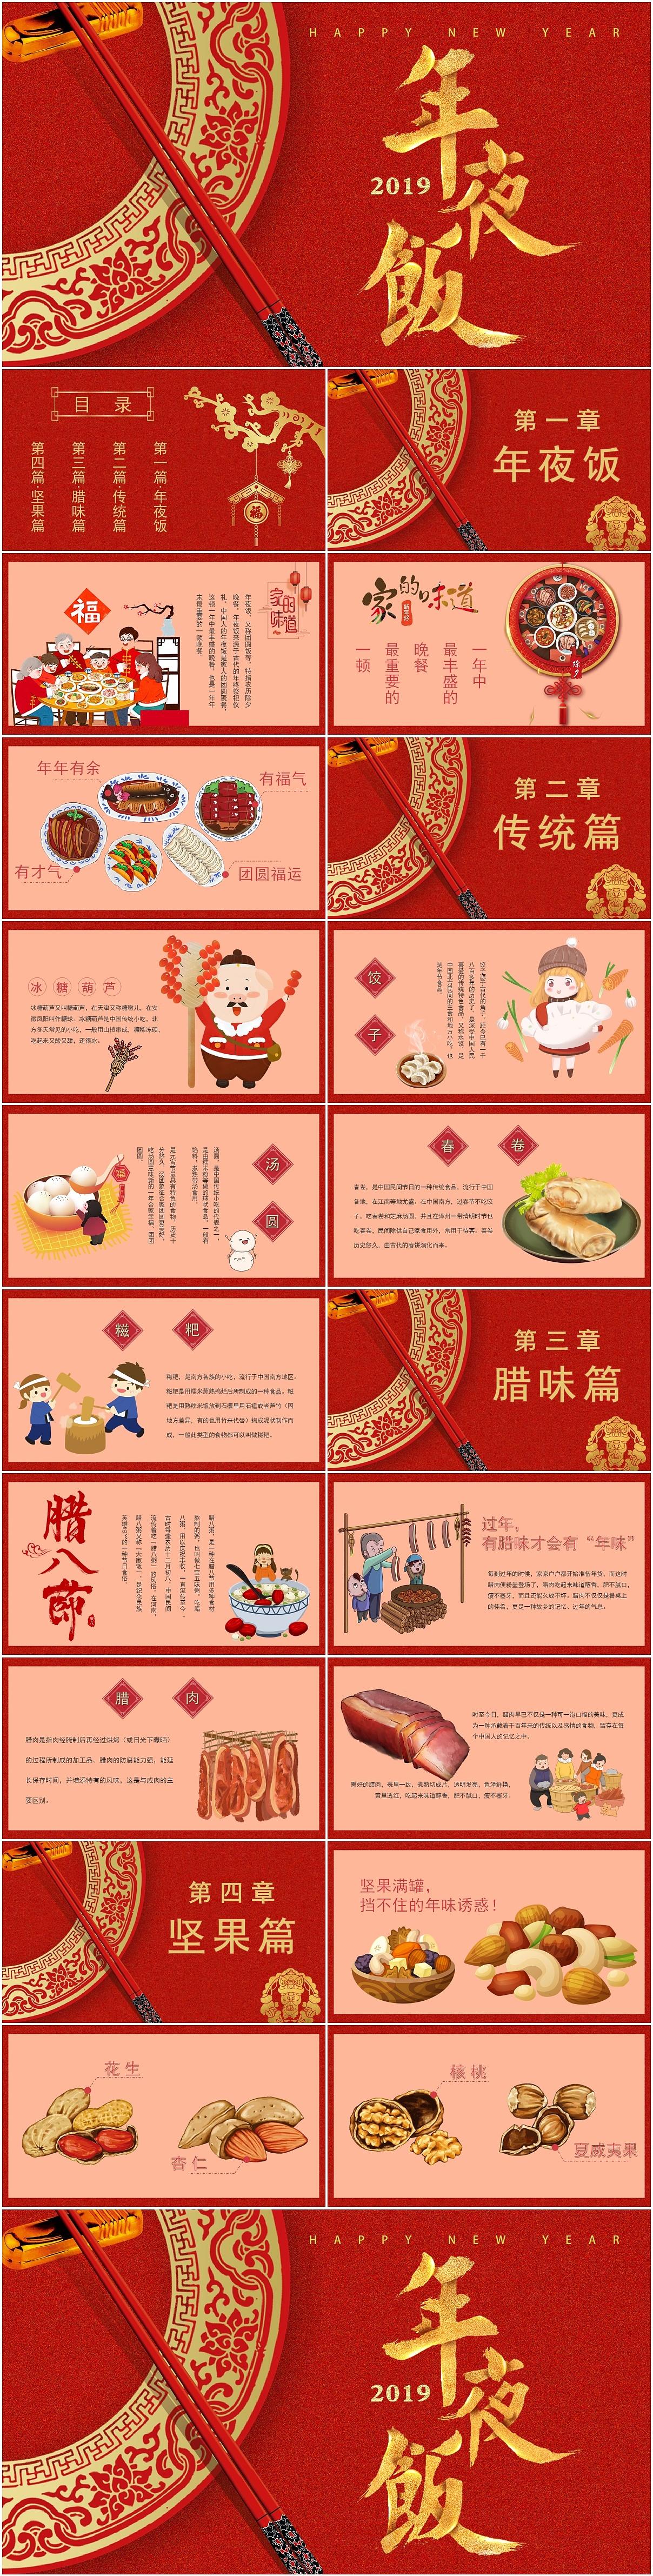 欢乐中国年温馨过春节年夜饭民俗美食介绍ppt模板图片